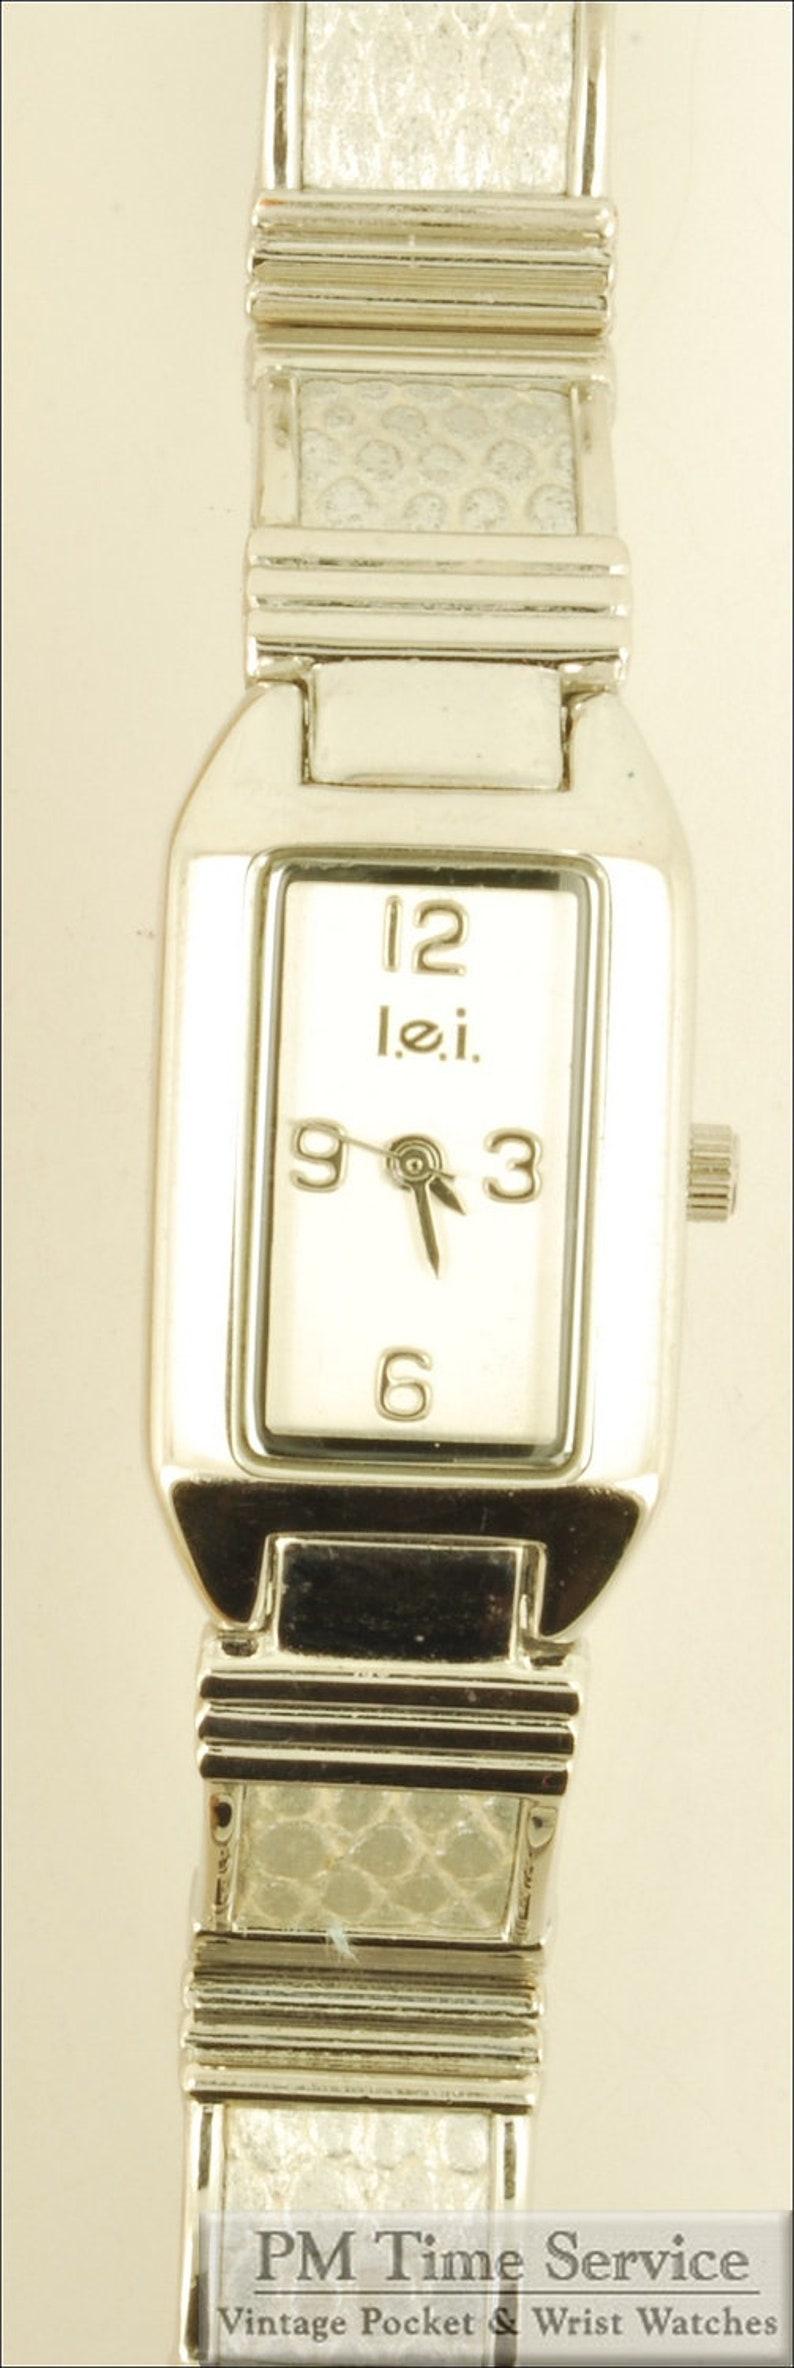 Attractive L.E.I. quartz ladies' wrist watch silver-toned image 0